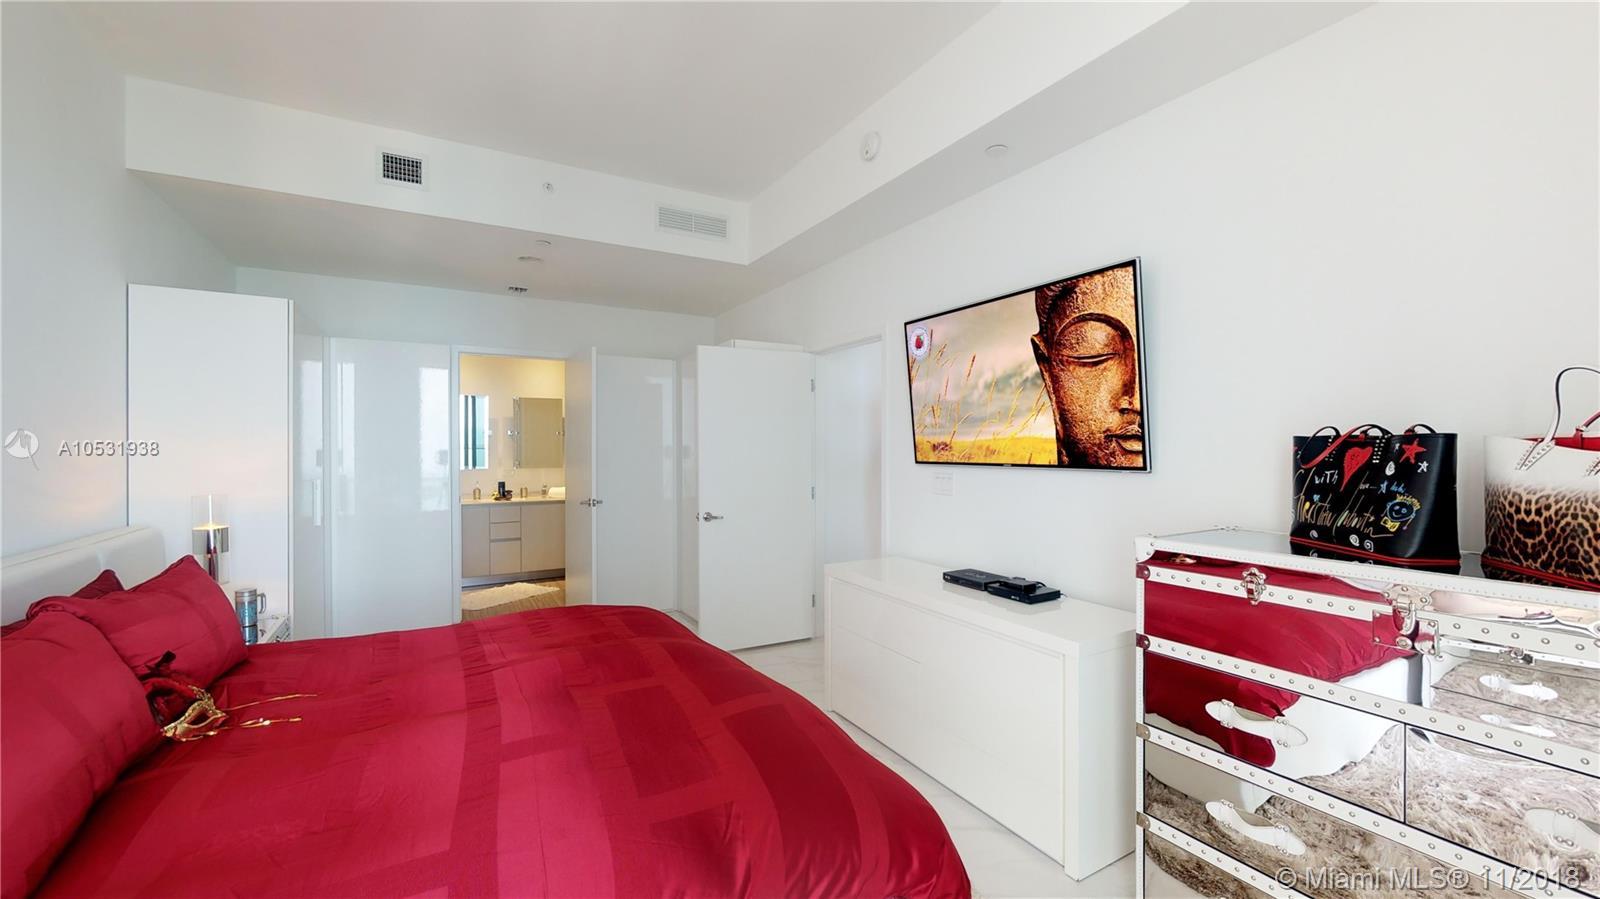 1010 Brickell Avenue, Miami, FL 33131, 1010 Brickell #4704, Brickell, Miami A10531938 image #15